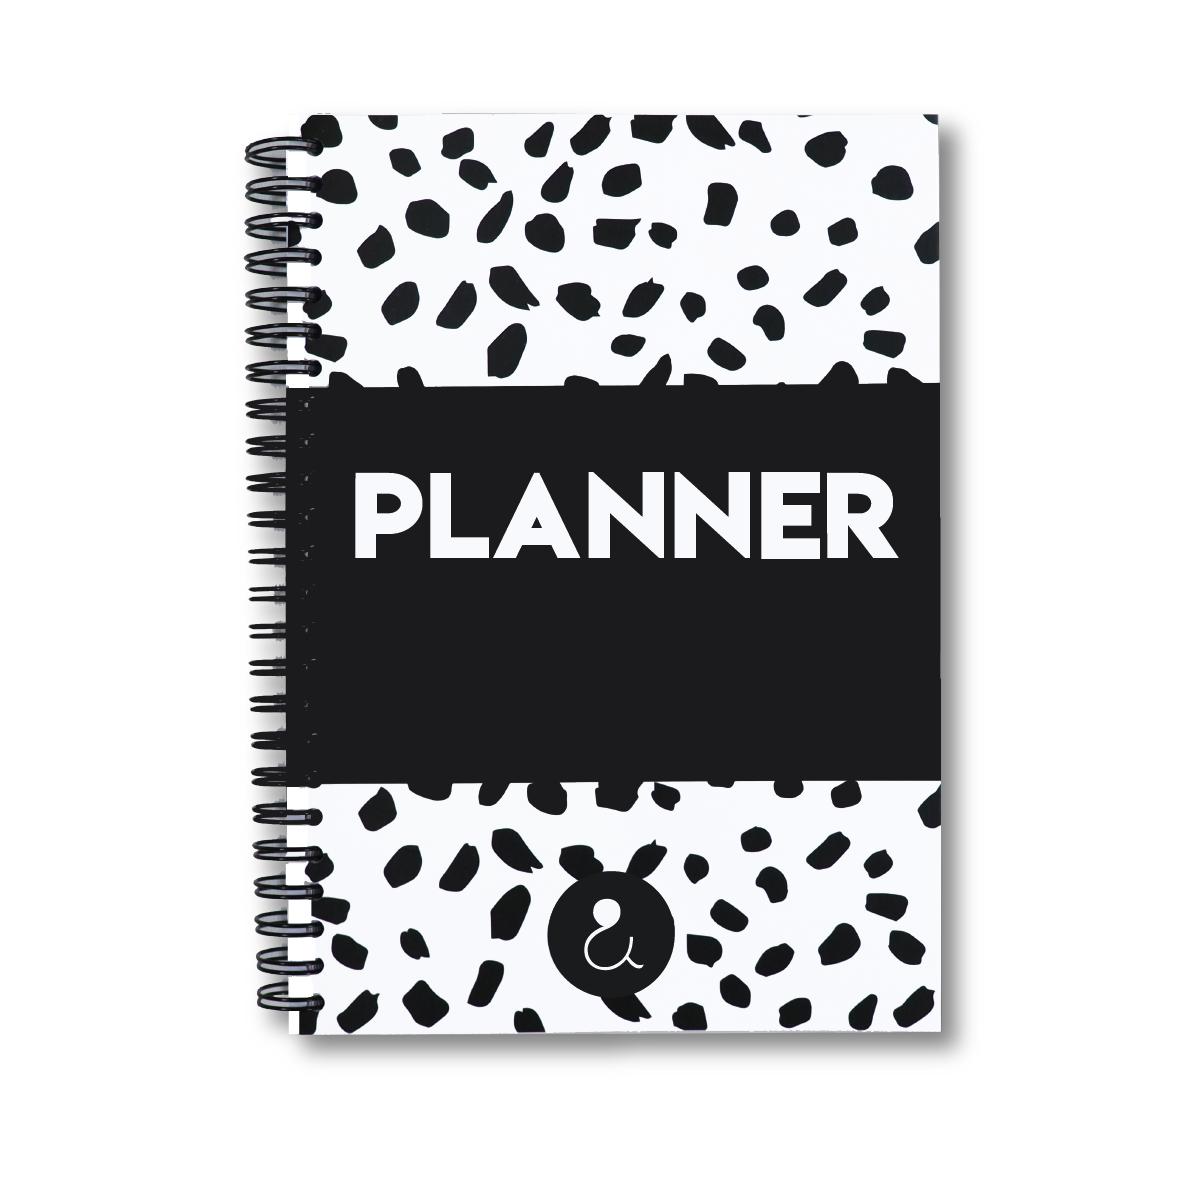 Planner Agenda 2022 a5 met stickers   monochrome